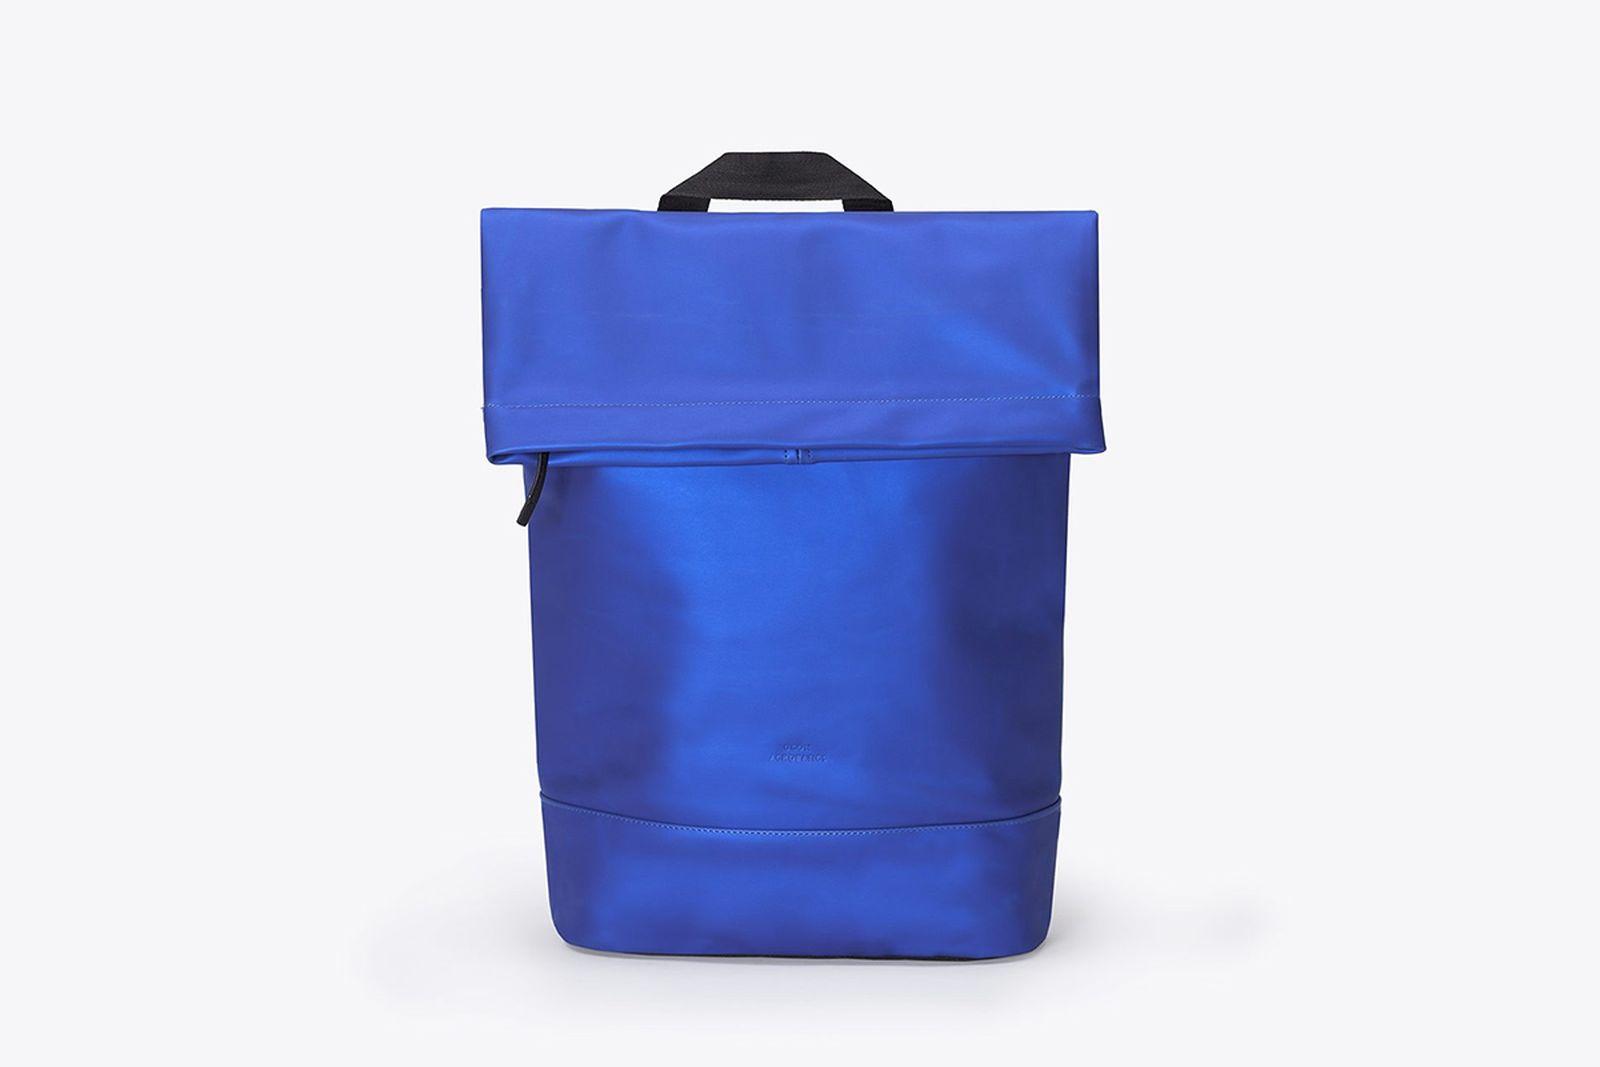 ua karlo backpack lotus series metallic blue 01 ace hotel berlin